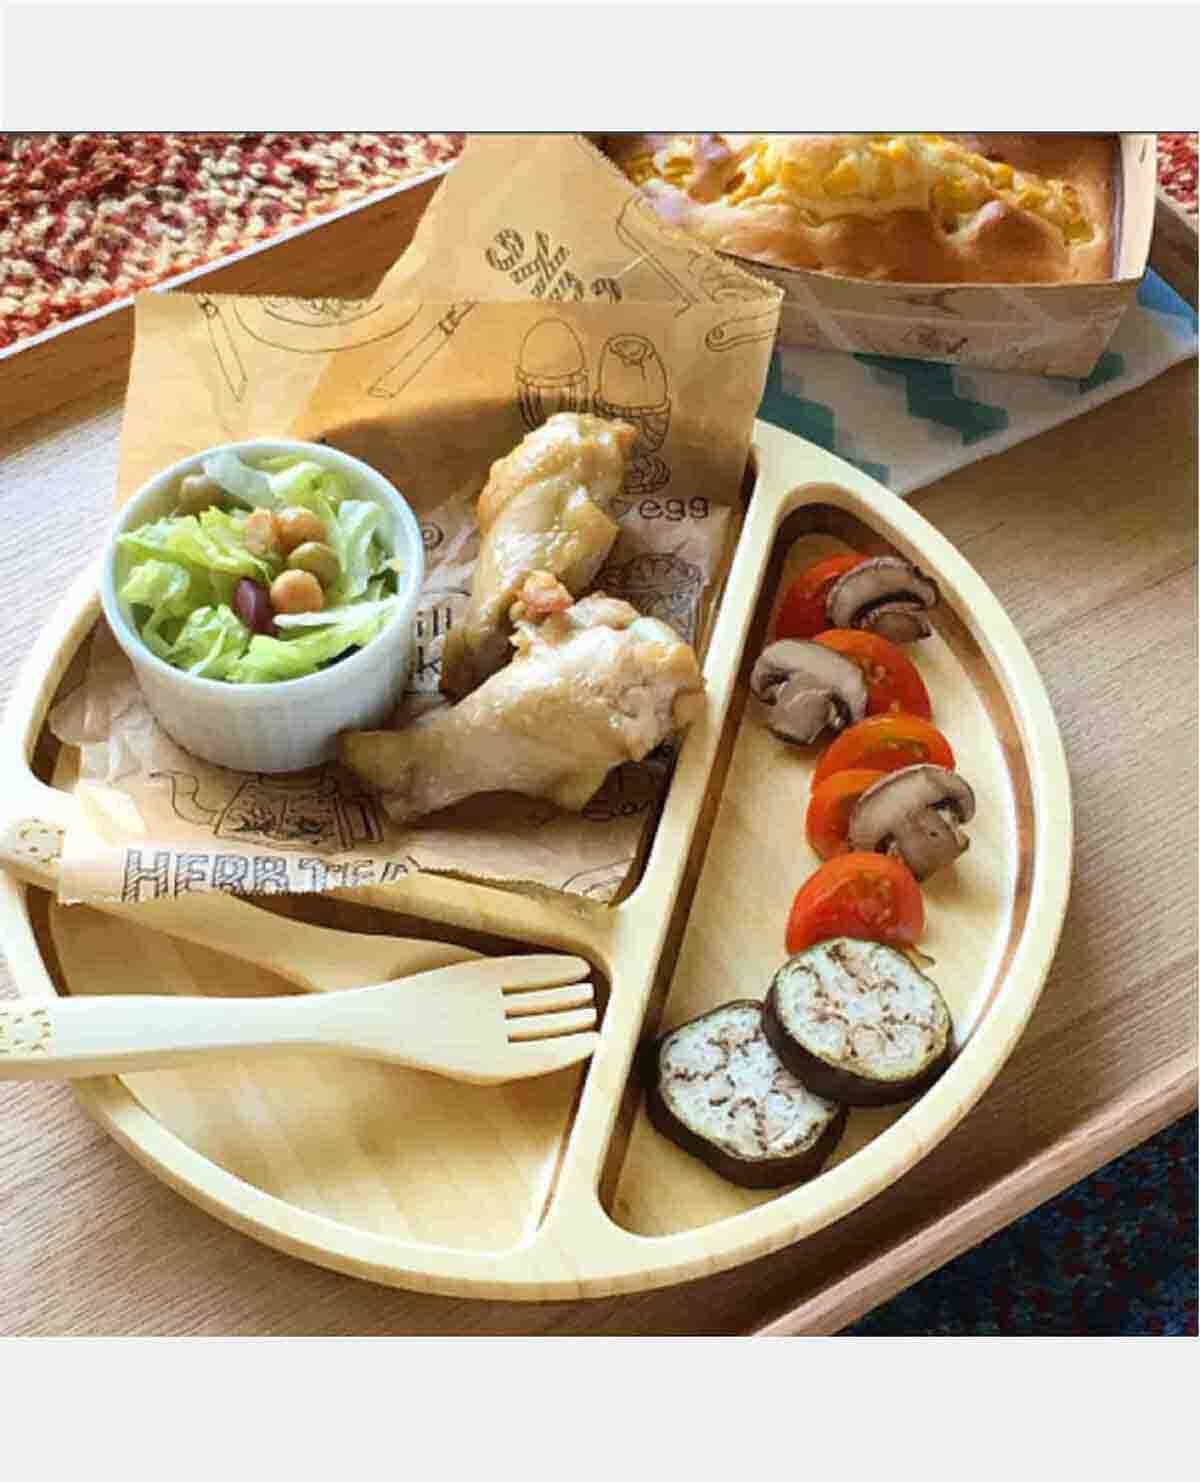 キリン ソフィー プレート セット ベビー食器 木製 竹